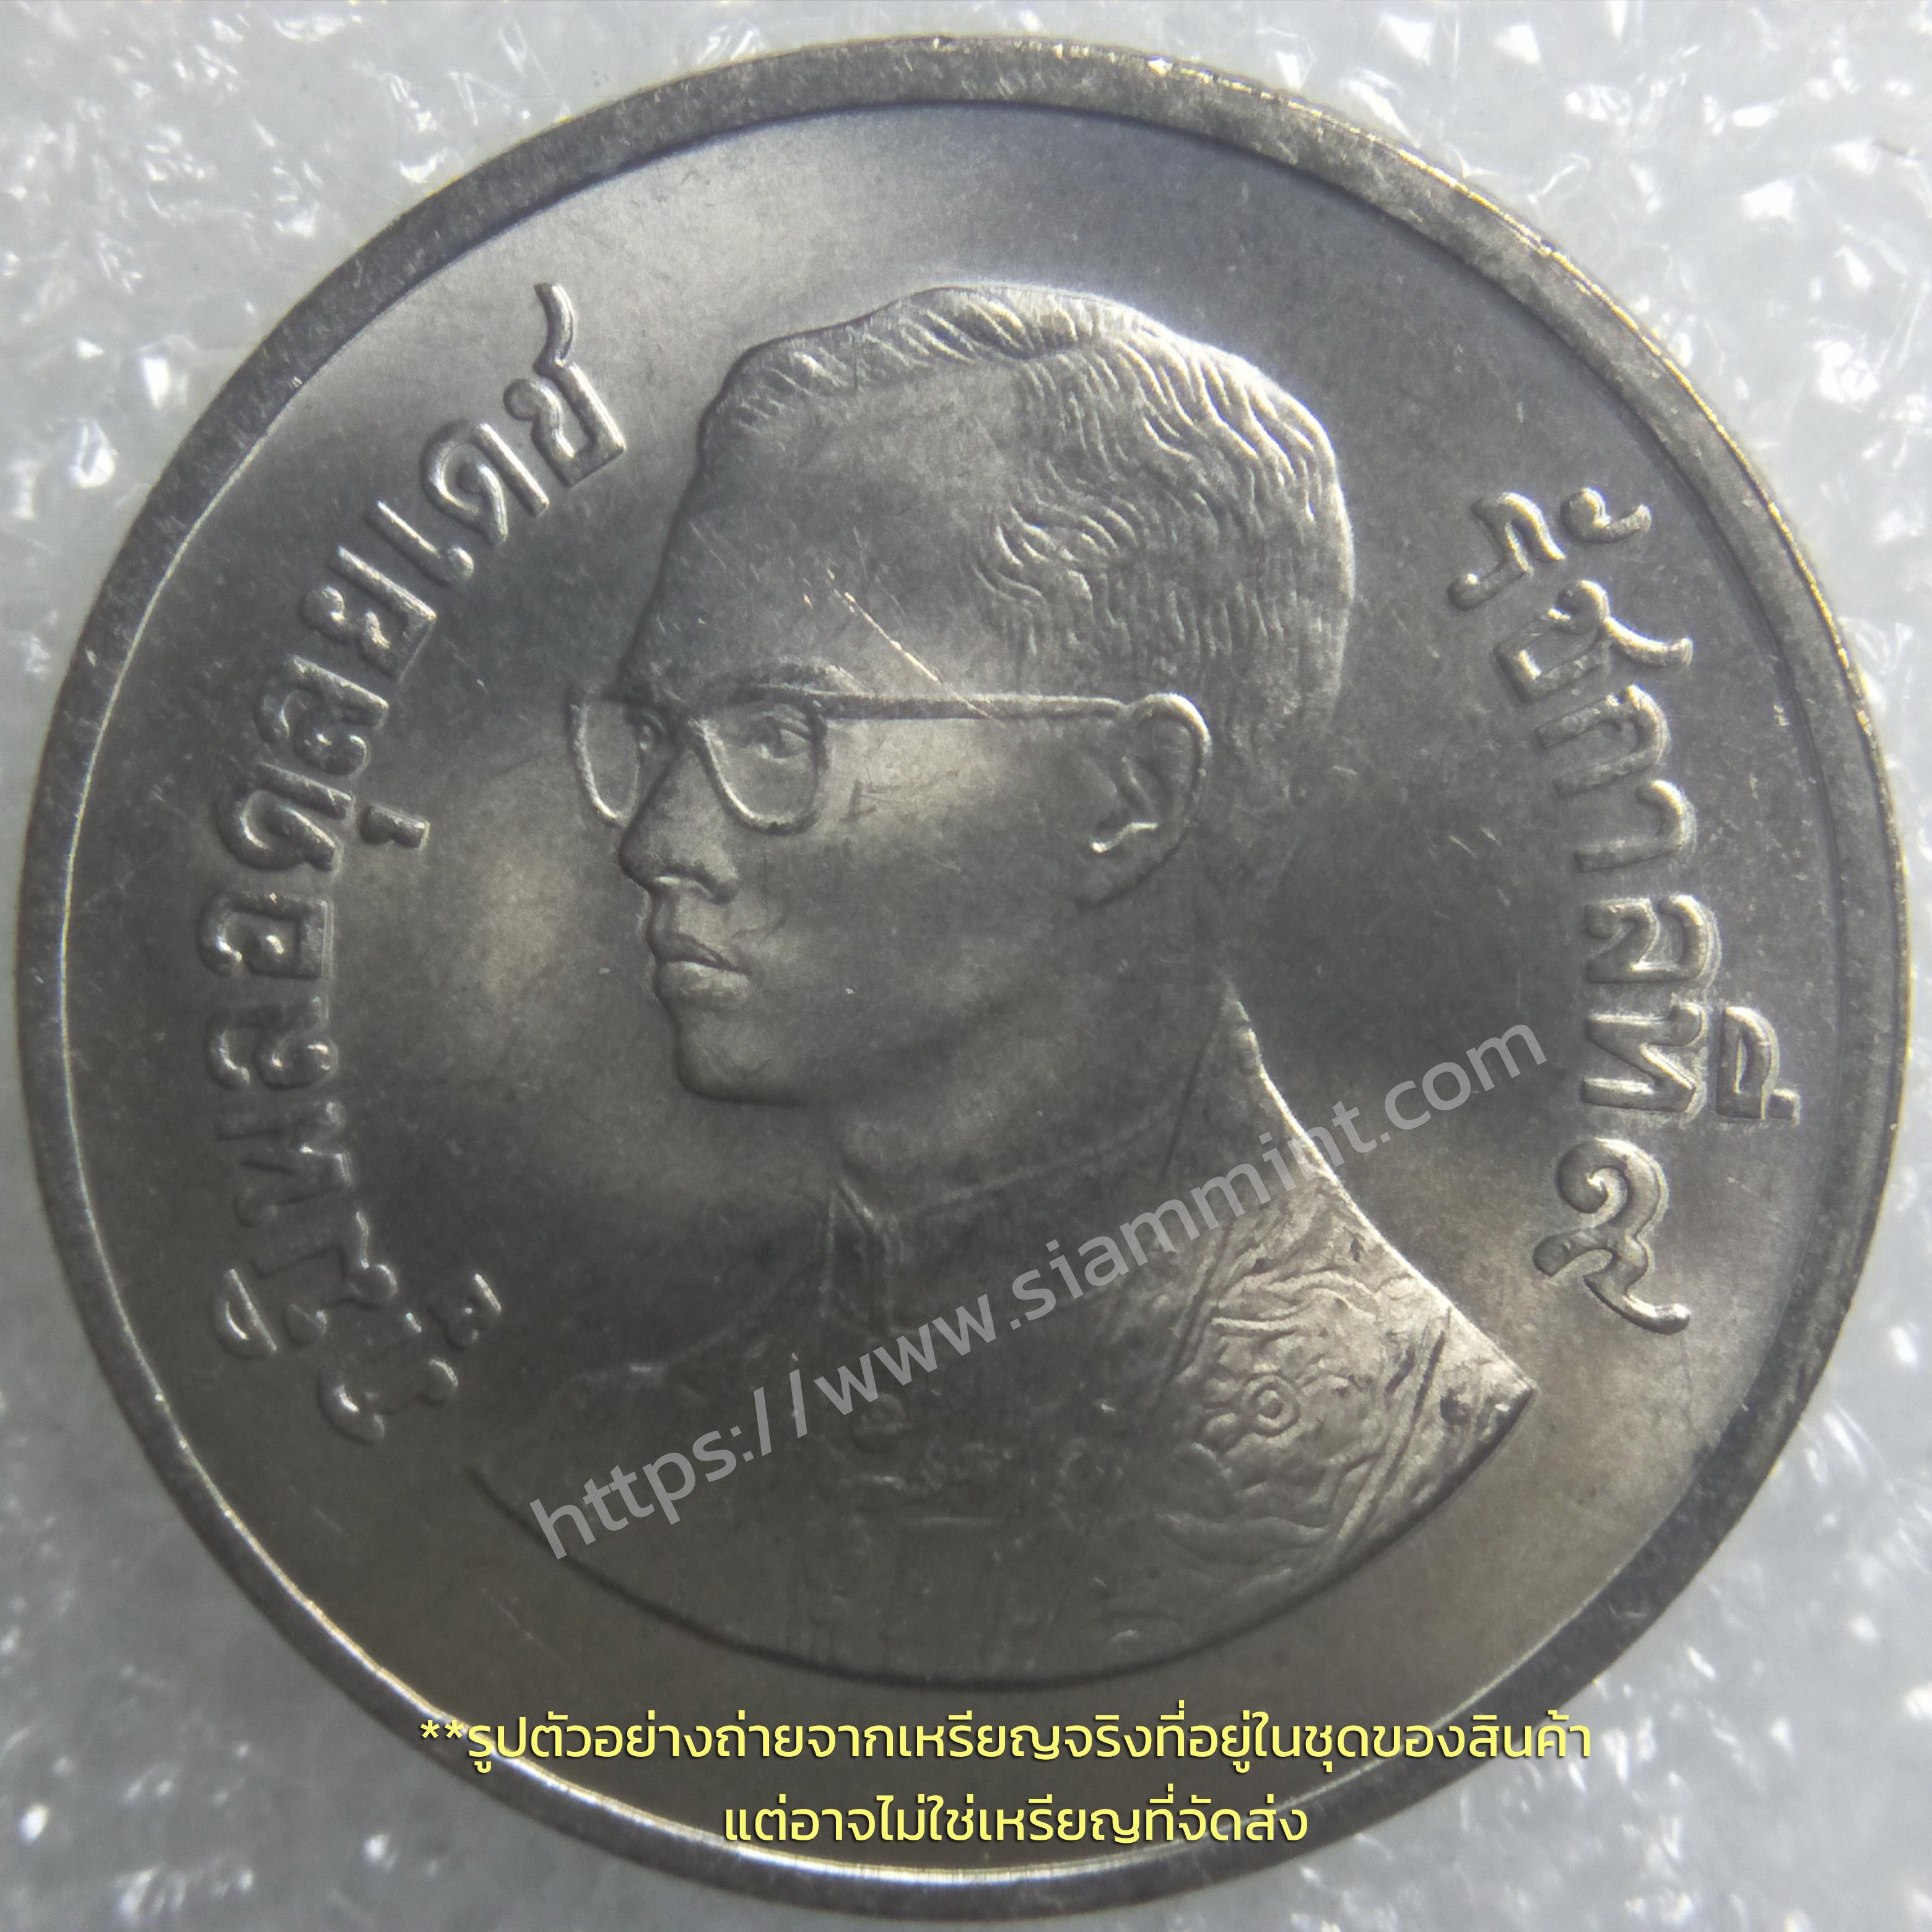 เหรียญ 1 บาท 2525 โค้ด 26 ไม่ผ่านใช้ (UNC) แกะถุง